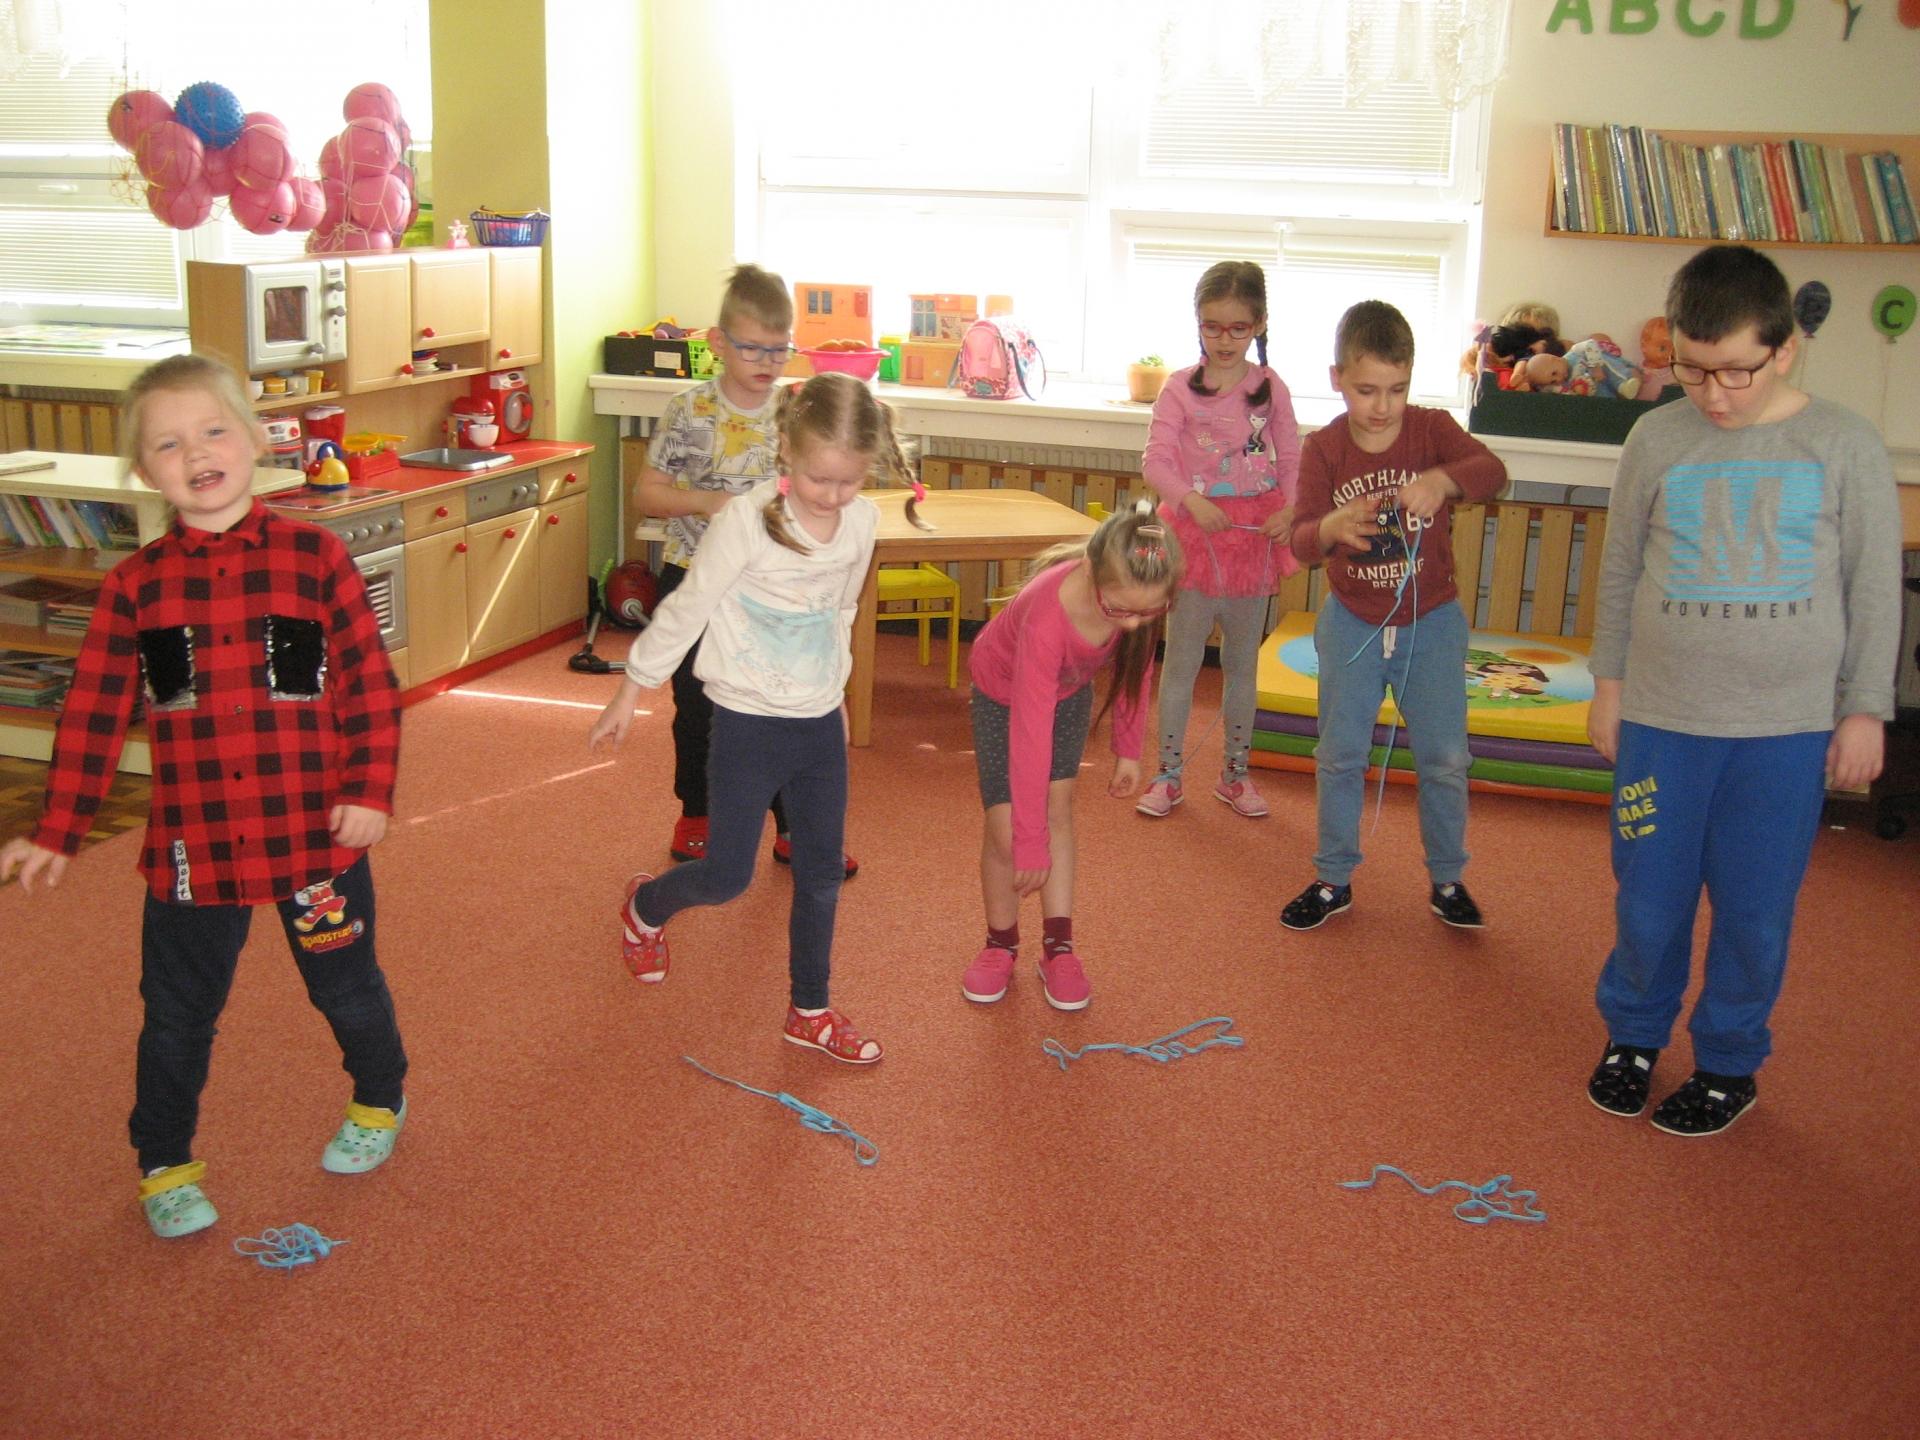 Děti cvičí s tkaničkou